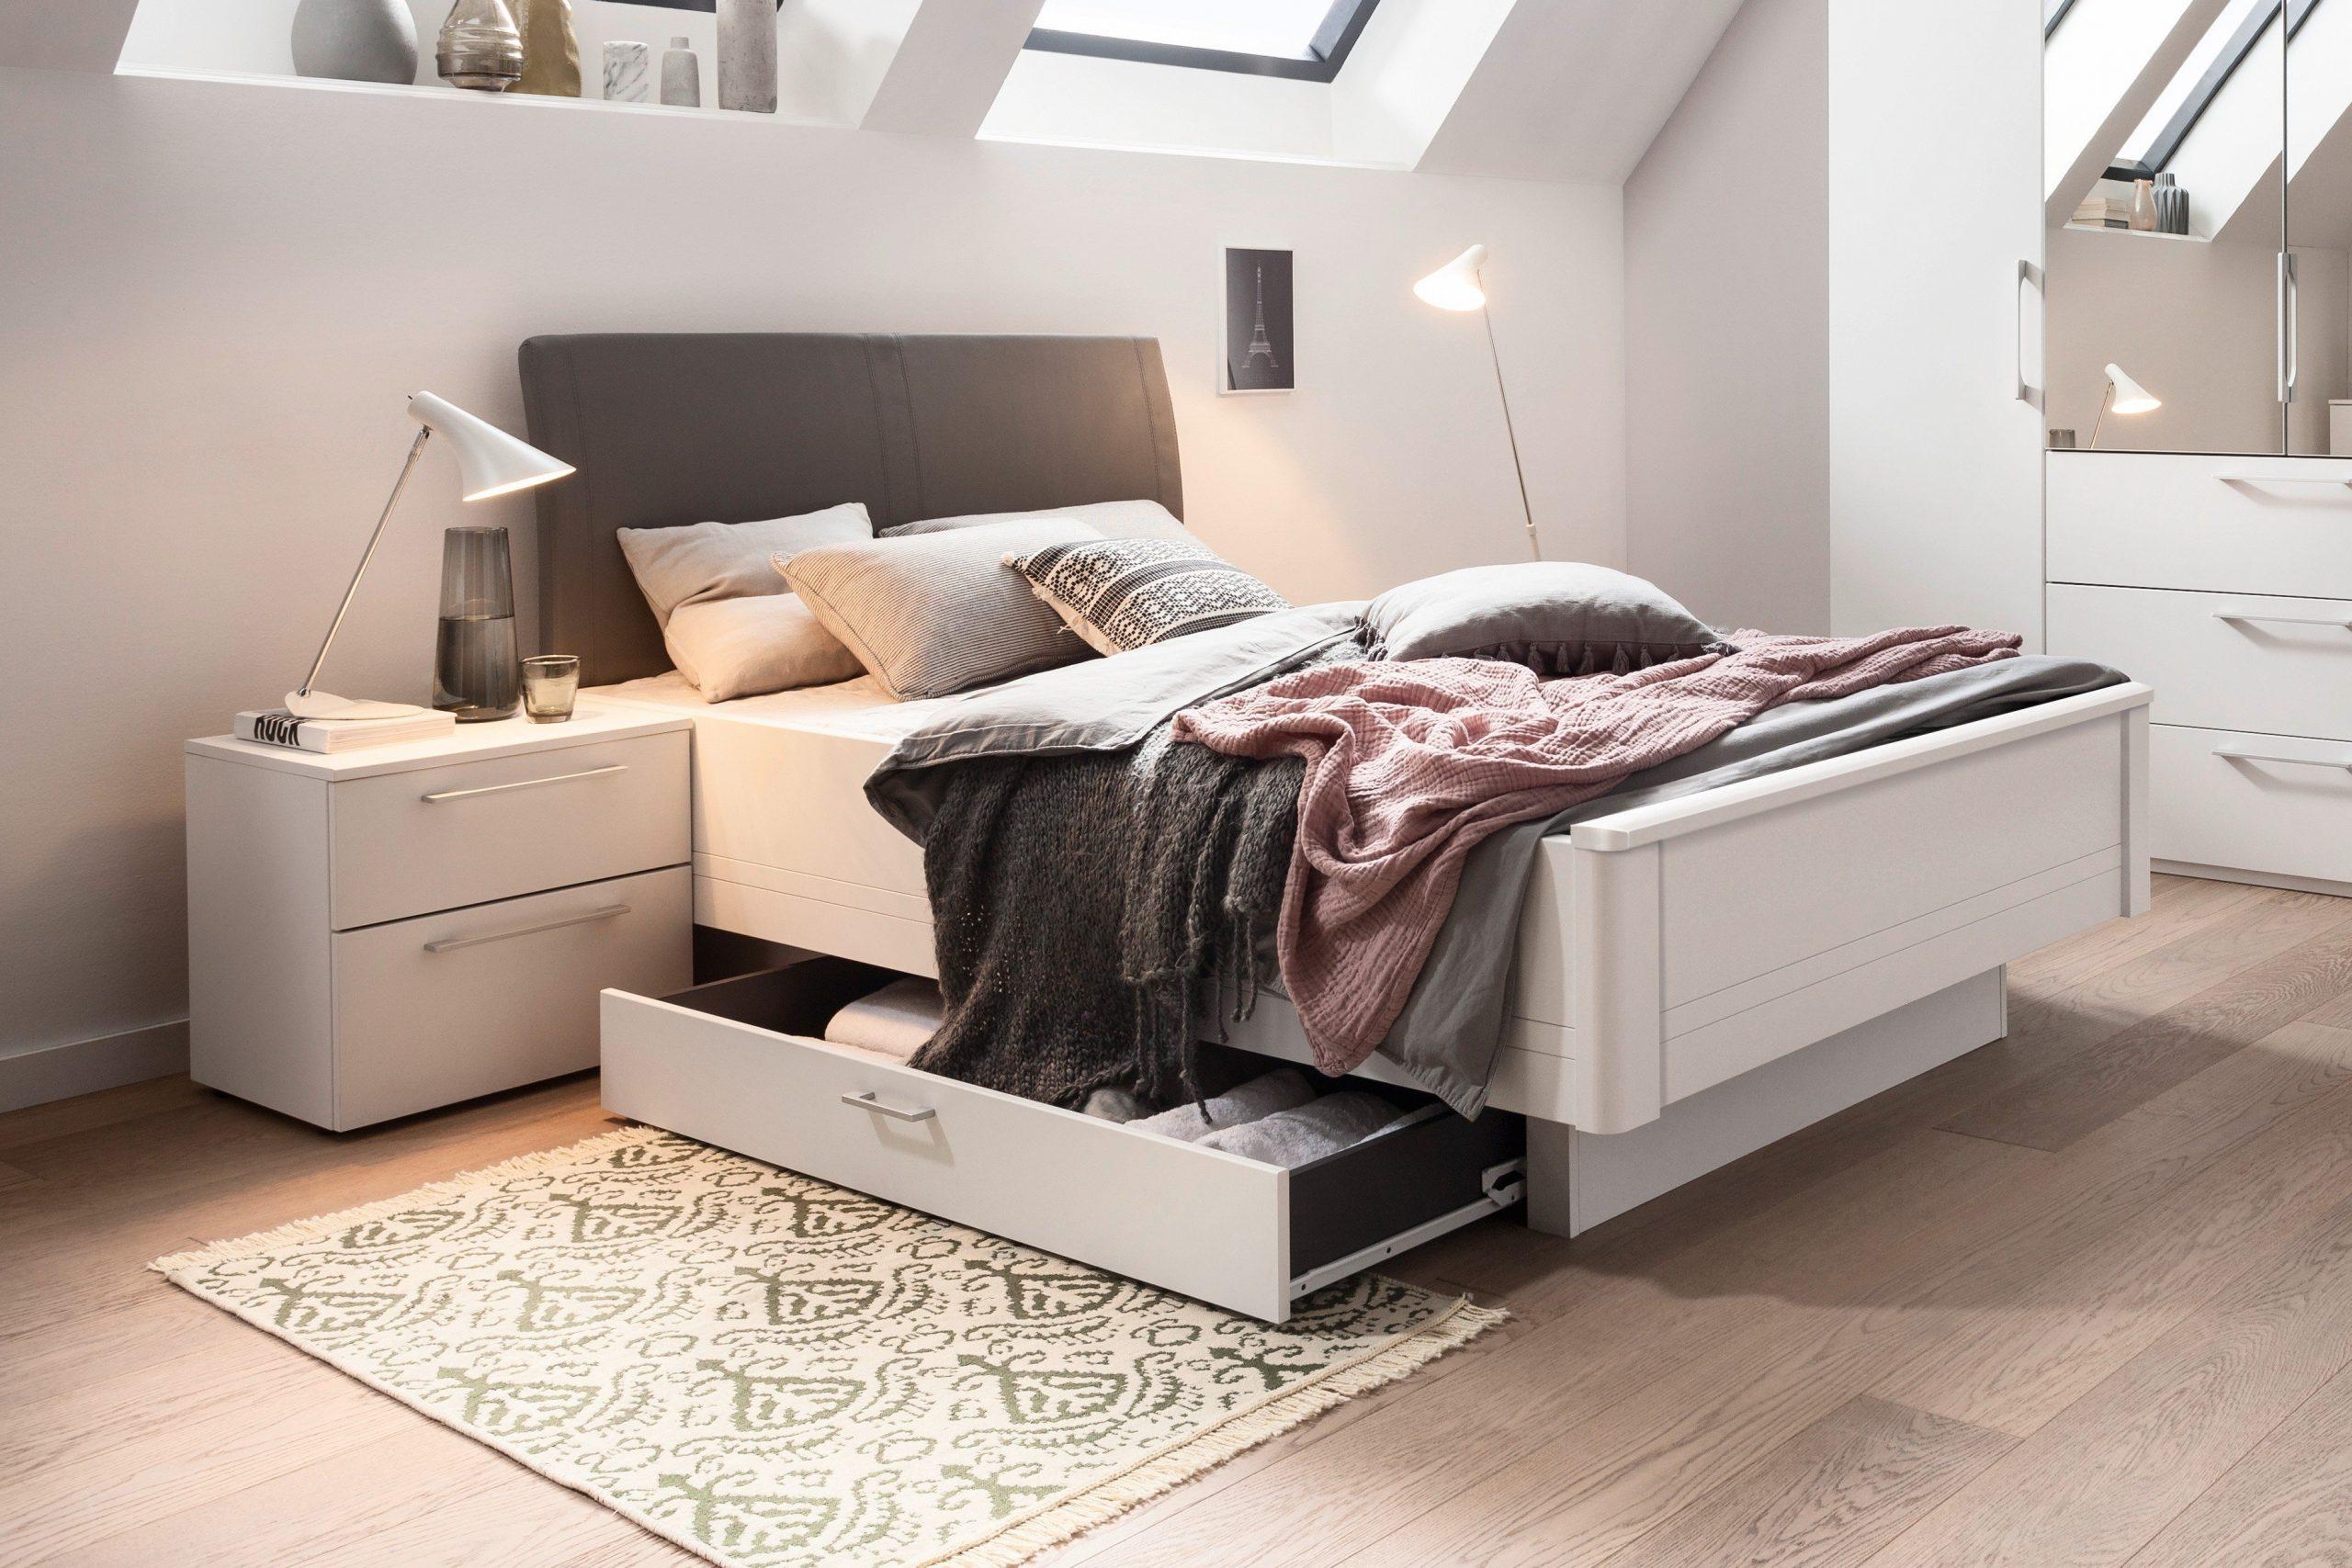 Full Size of Nolte Concept Me Schlafzimmer Wei Fango Mbel Letz Ihr Online Deckenlampe Lampe Landhausstil Küche Komplett Günstig Kronleuchter Vorhänge Komplettangebote Schlafzimmer Nolte Schlafzimmer